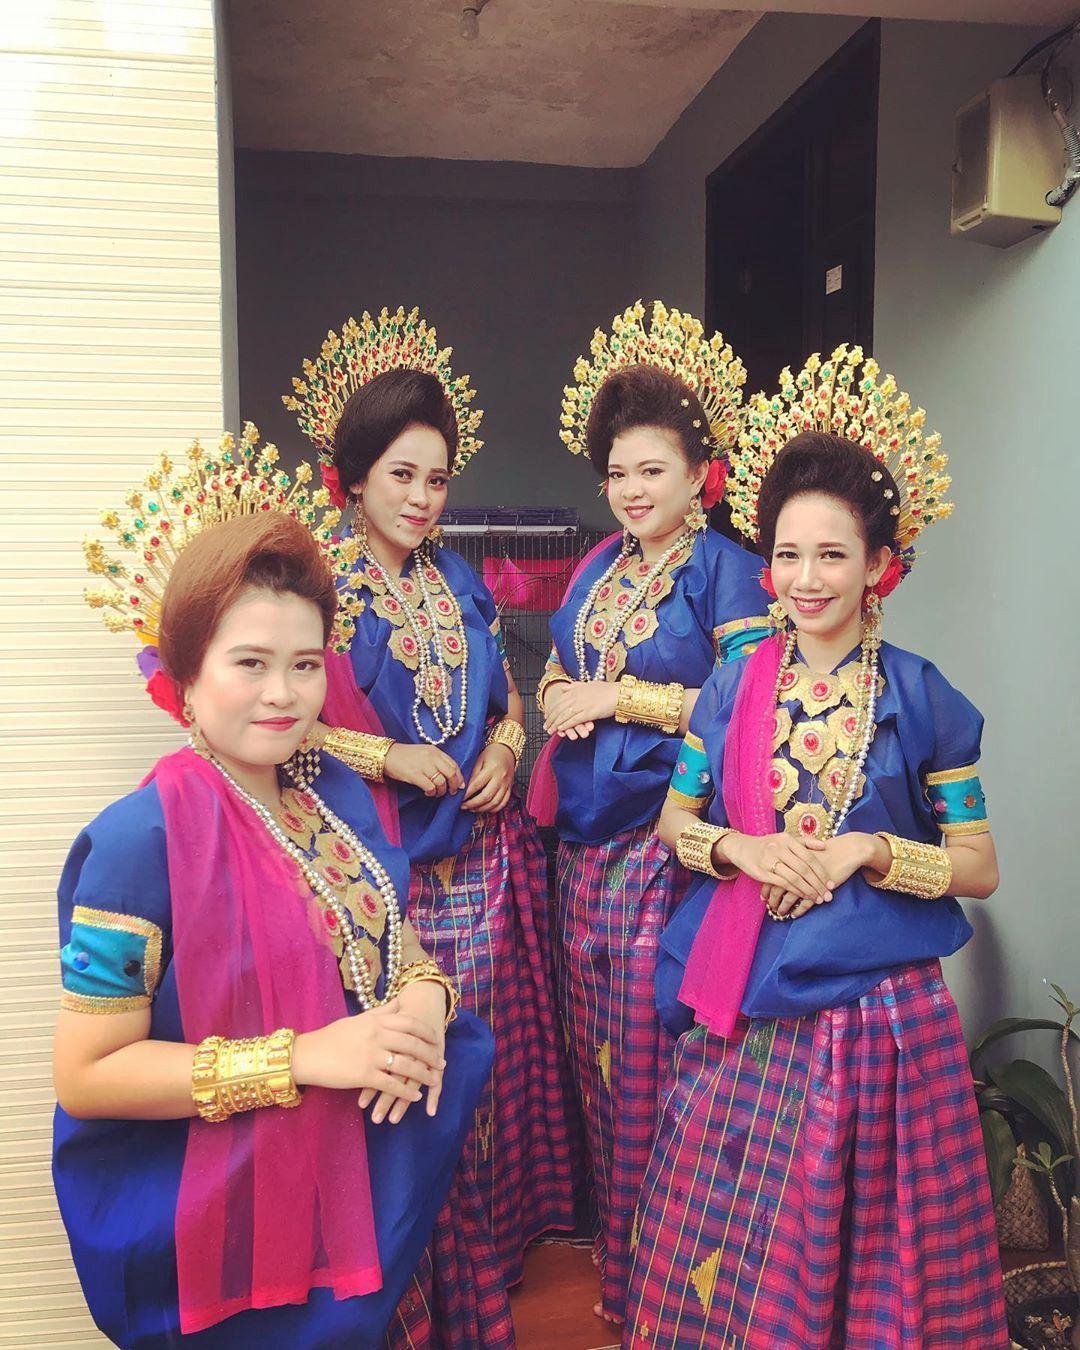 Jual Pakaian Adat Anak Di Bandung